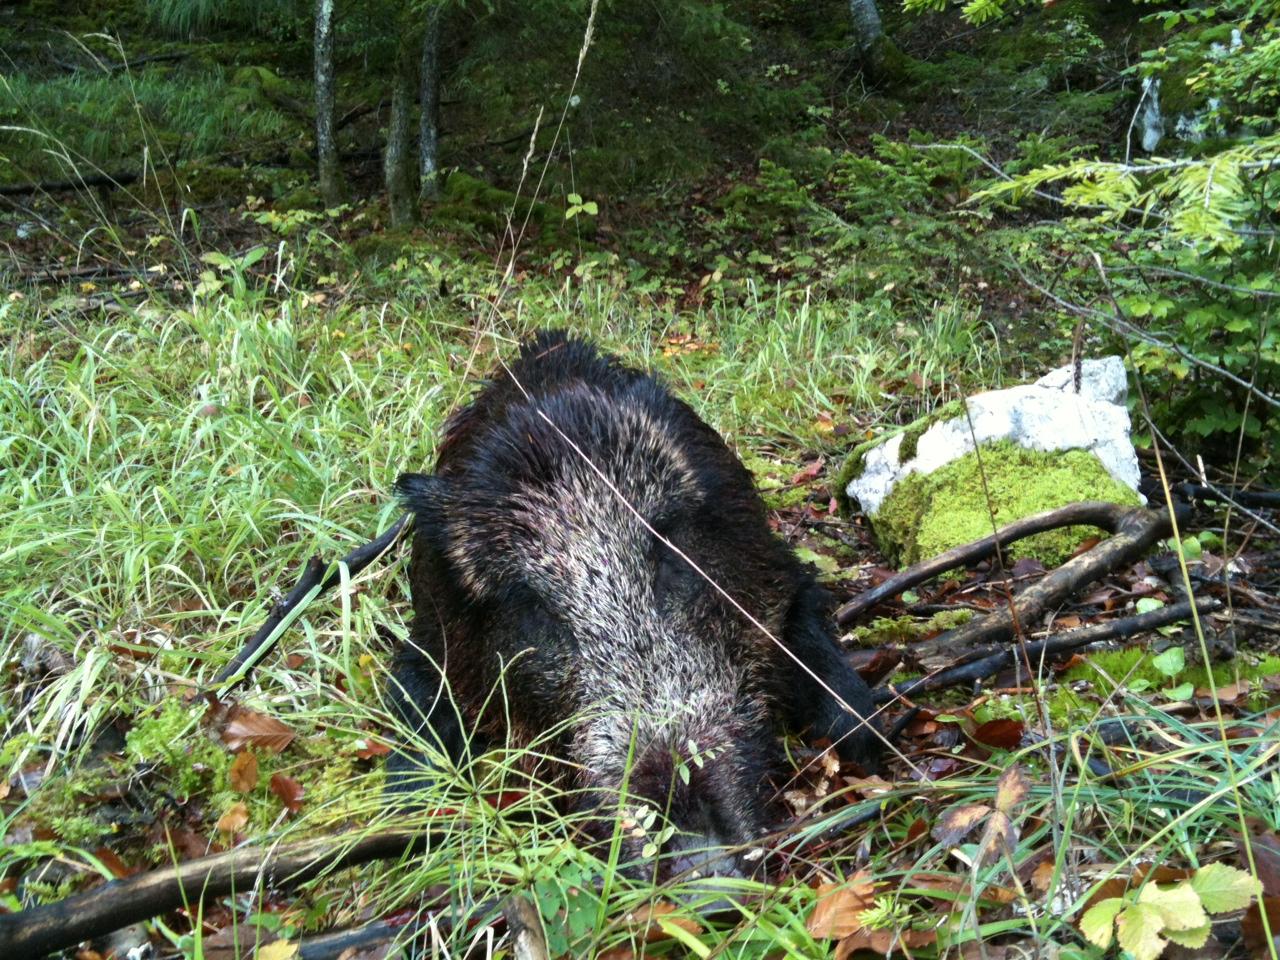 Saison de chasse au Grand Gibier 2012/2013 1360148633-iphone-image-02-06-2013